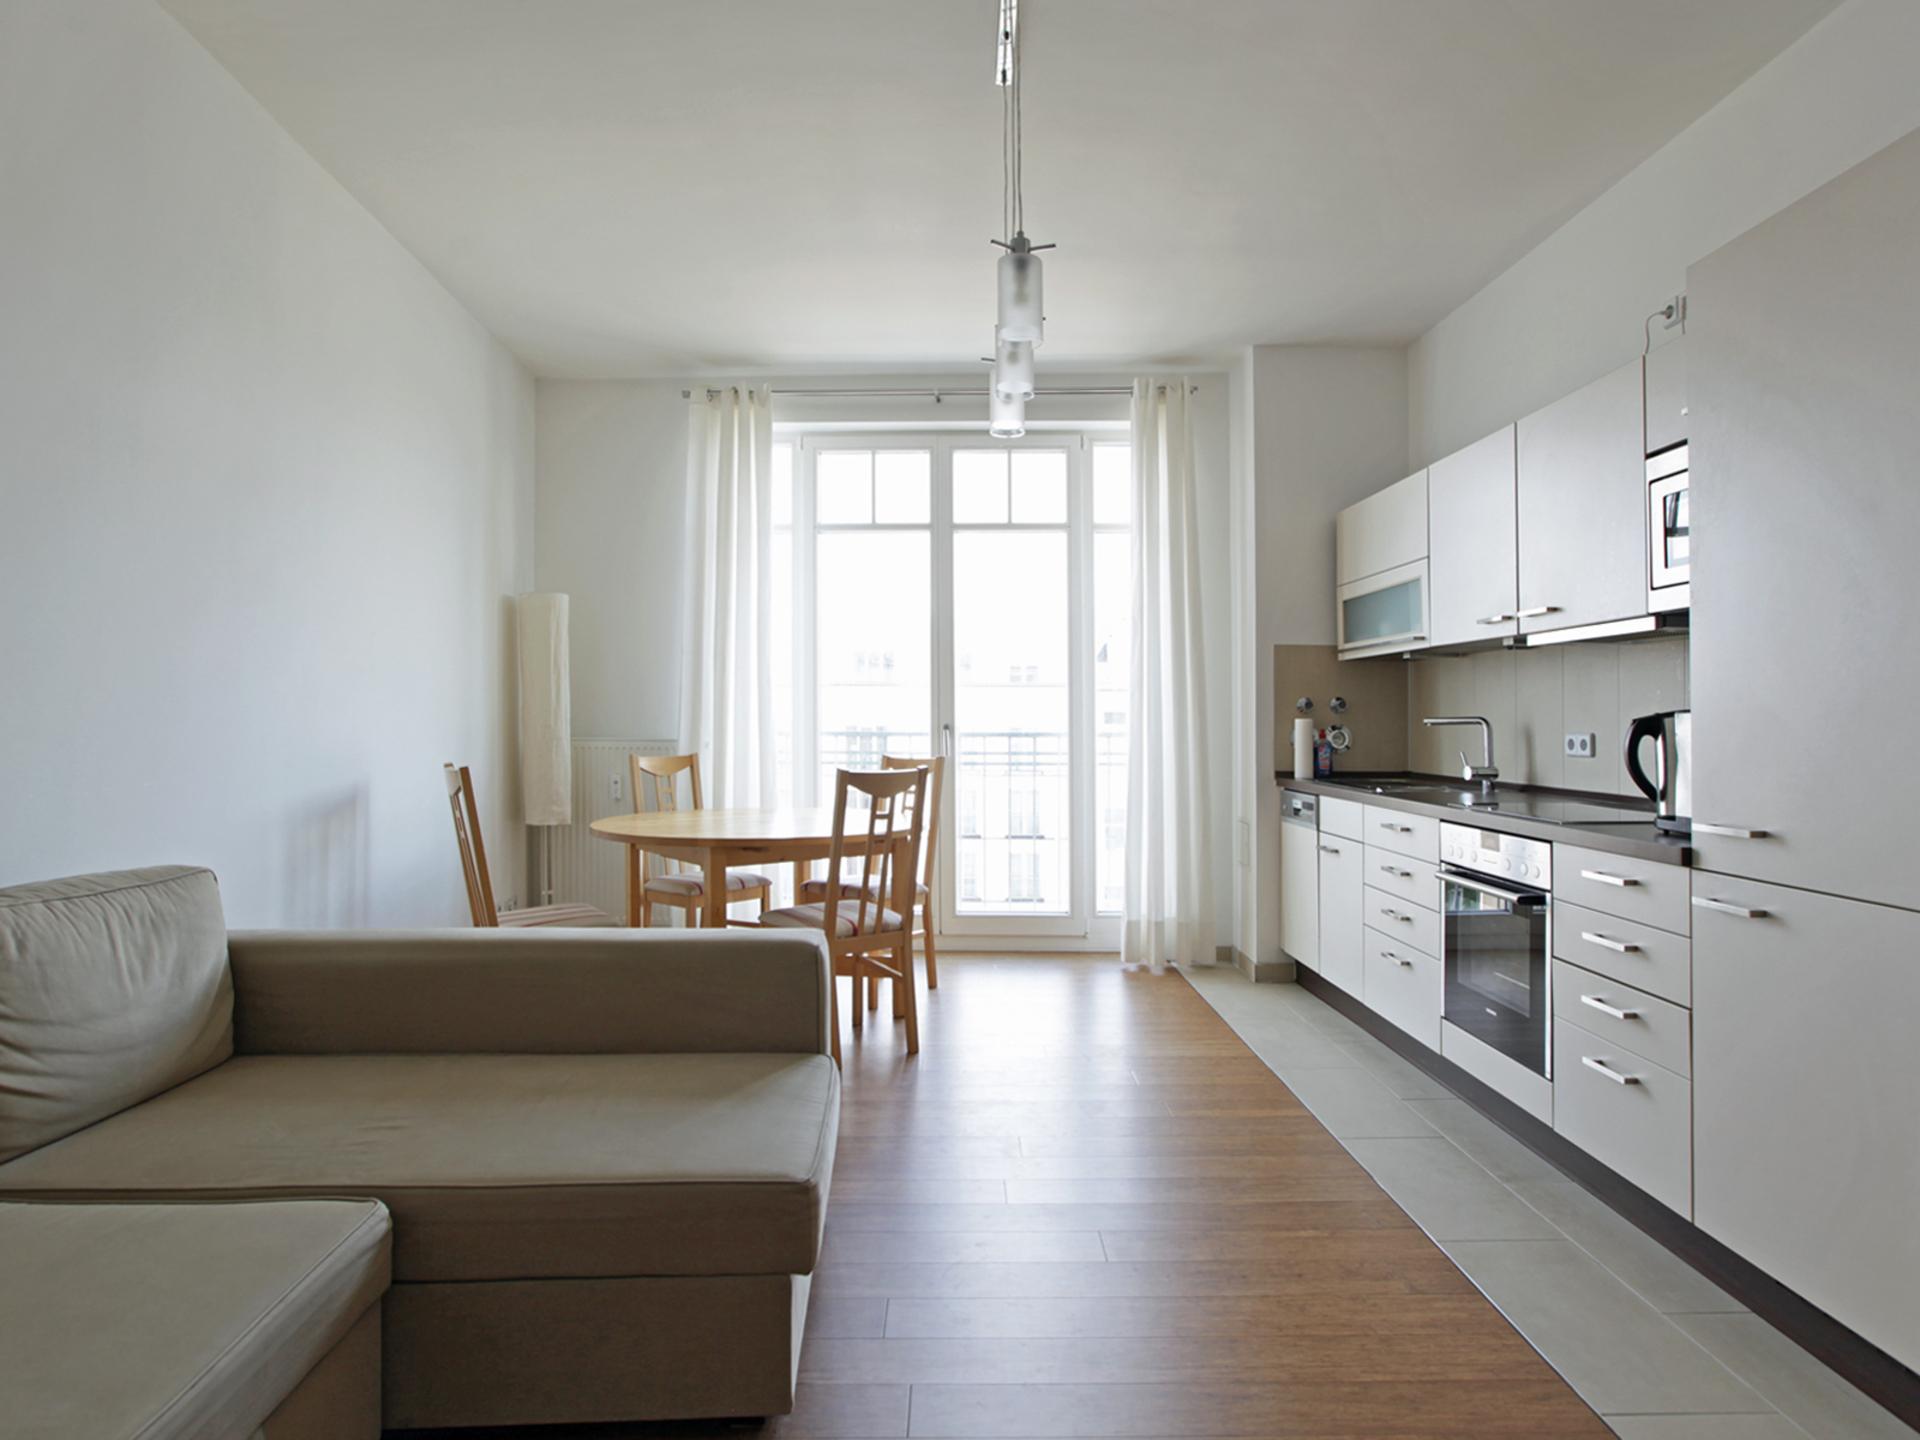 Wohnküche | Greifswalder Straße